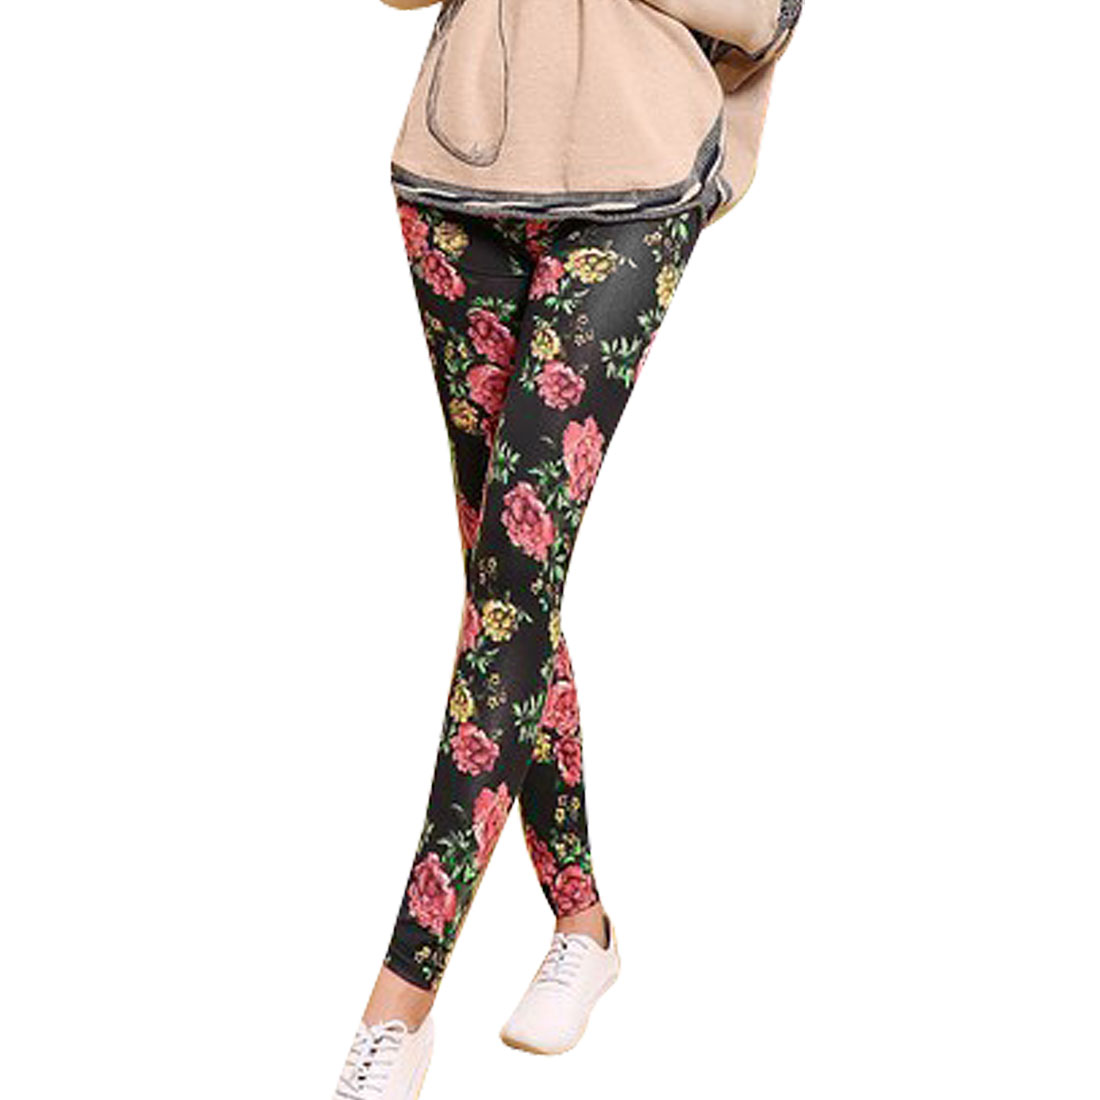 Women Floral Pattern Elastic Close-fitting Scrawl Slim Leggings Black XS